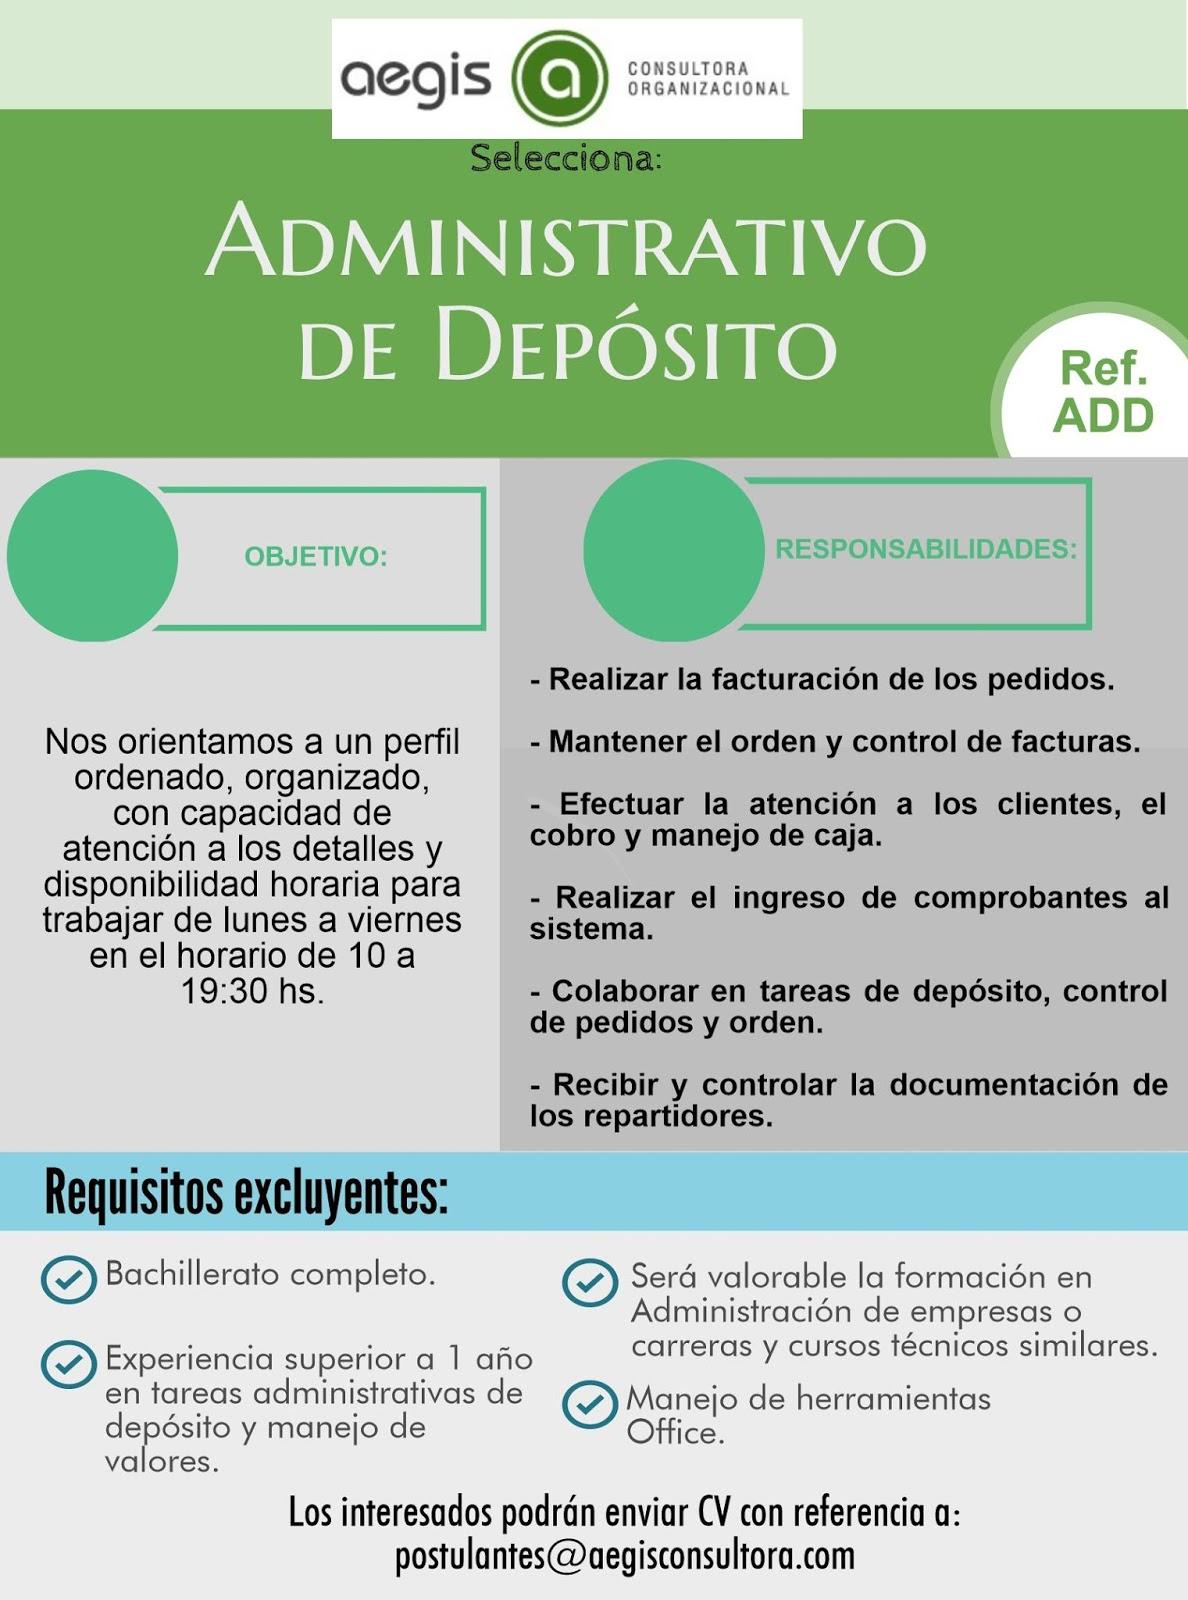 Administrativo de Depósito - Julio 2016 - Trabajo Rrhh Uruguay